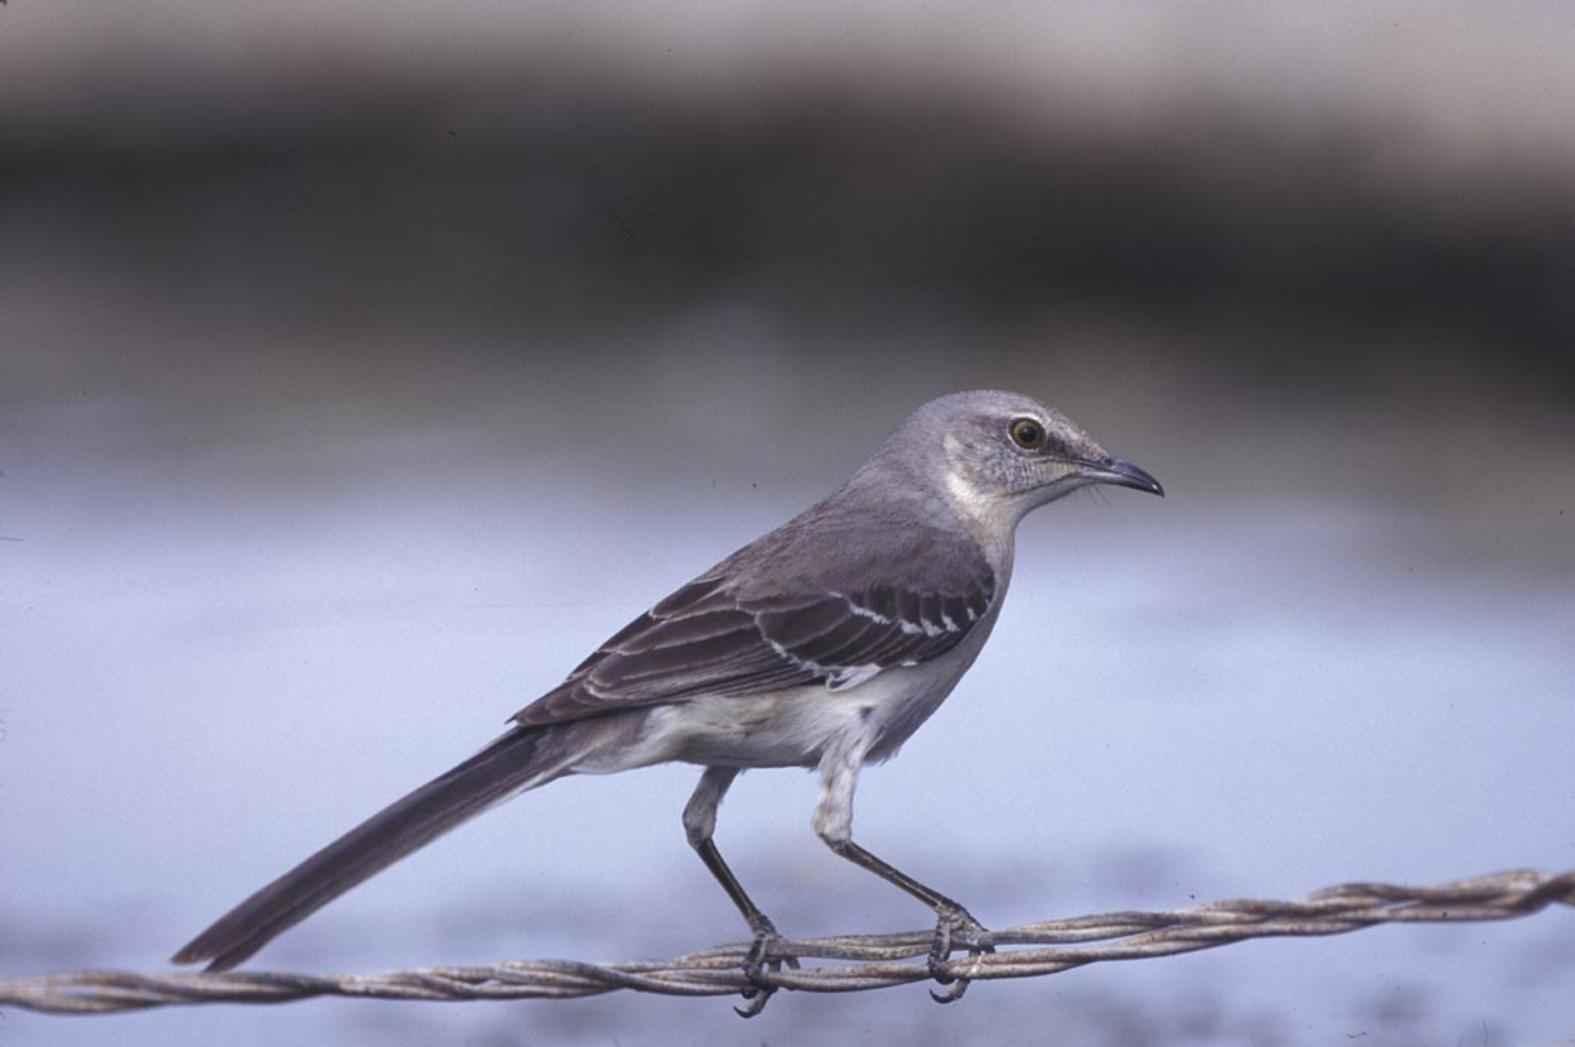 Free picture: northern mockingbird, bird, metal, wire, mimus polyglottos